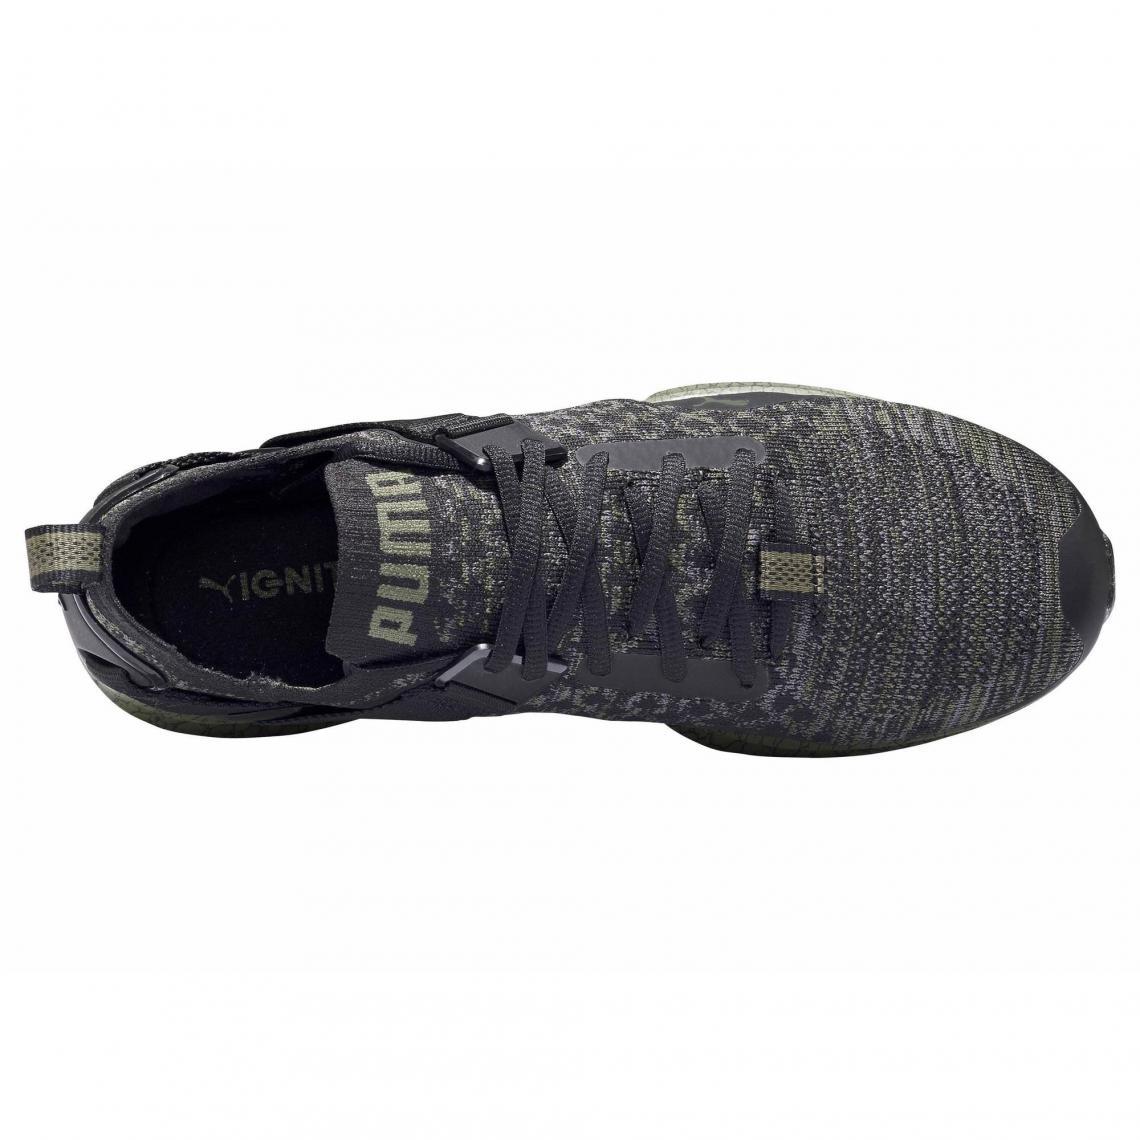 low priced 504ba 01d7e Toutes les chaussures Puma Cliquez l image pour l agrandir. Baskets basses  homme PUMA Ignite Evo Knit ...